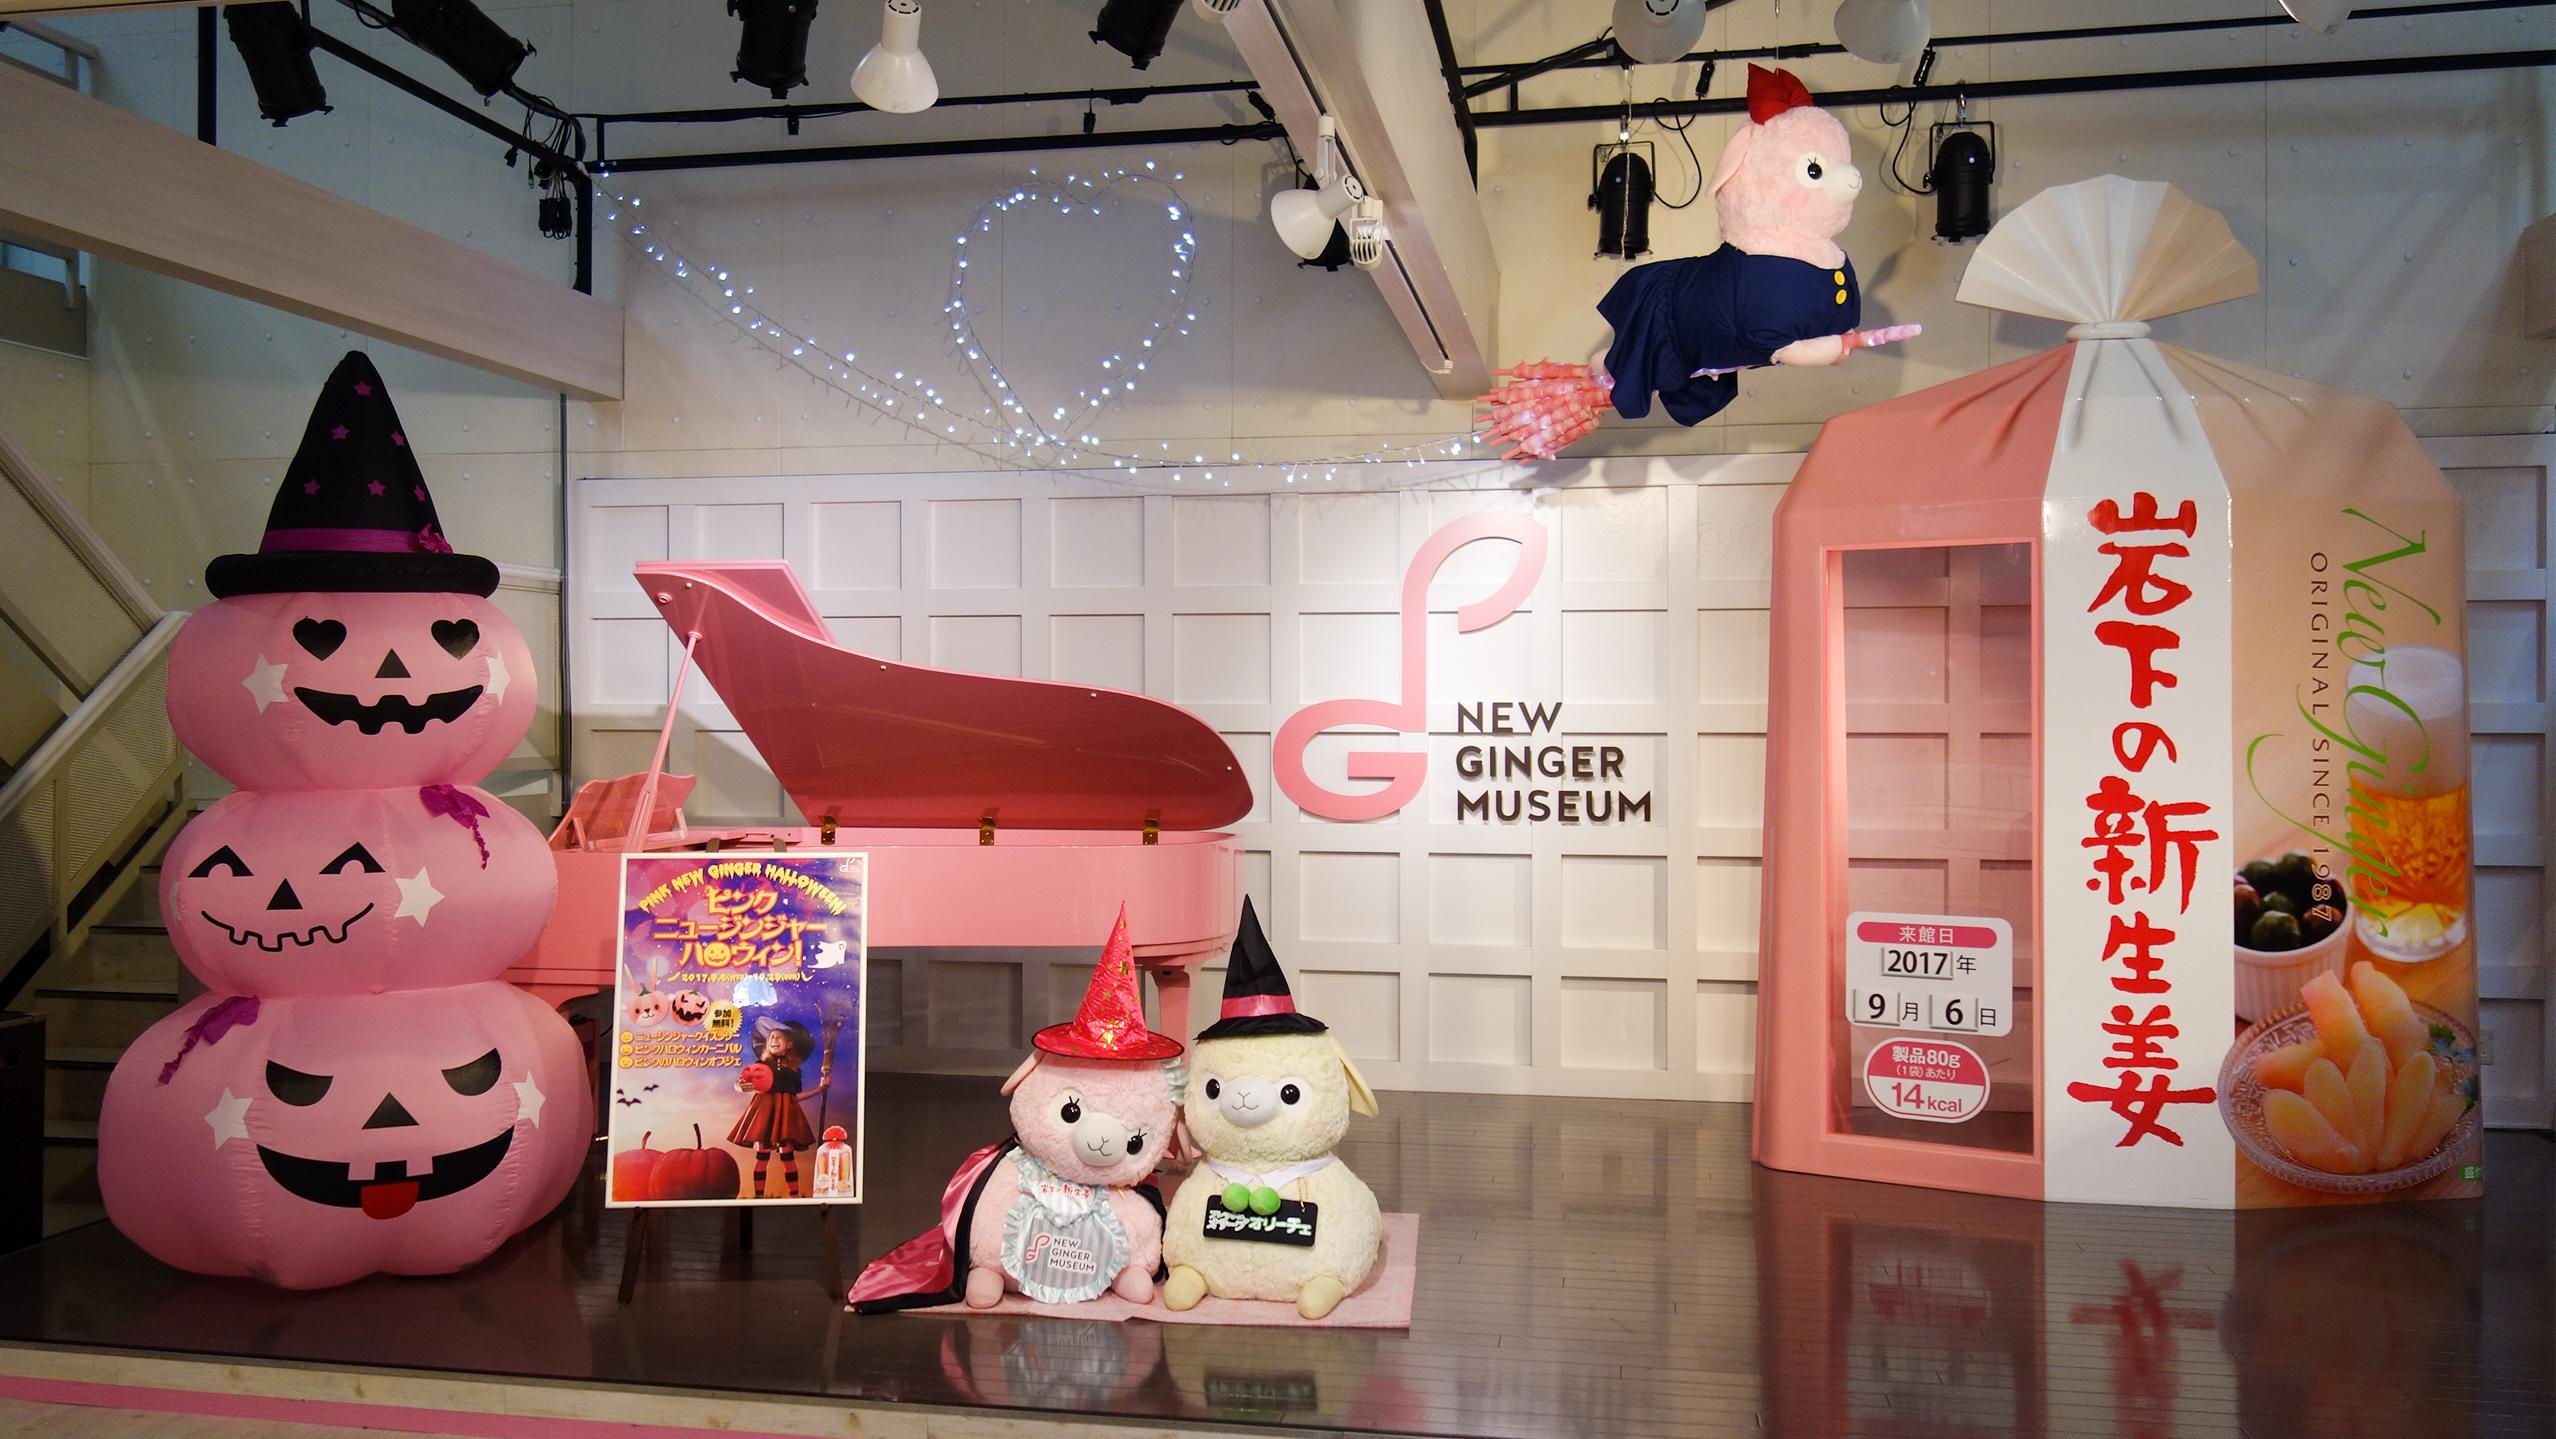 『ピンクニュージンジャーハロウィン!』イベントステージ